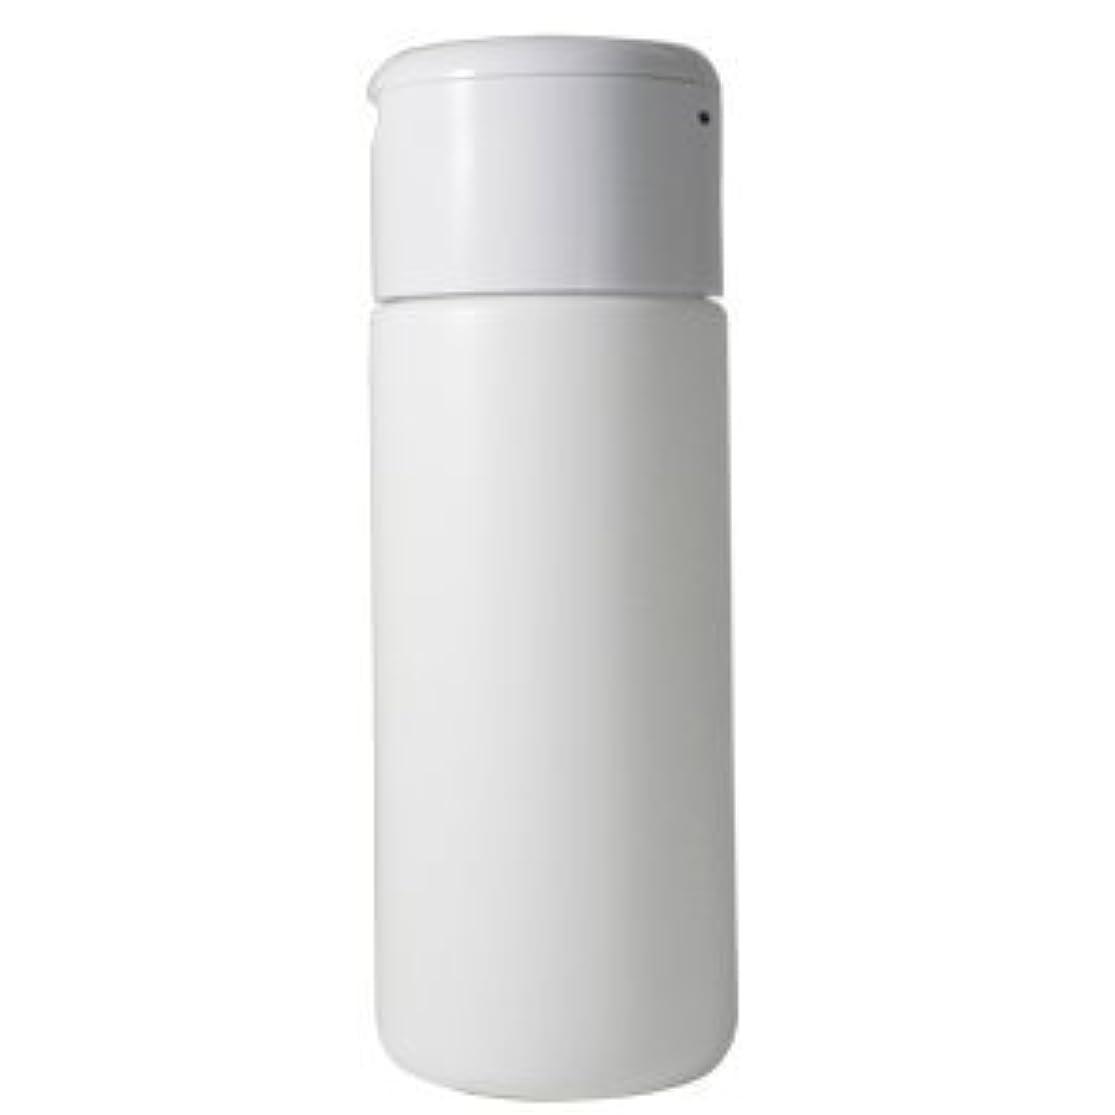 ゆりかご取る羨望ワンタッチキャップ パウダー用ボトル容器 190ml